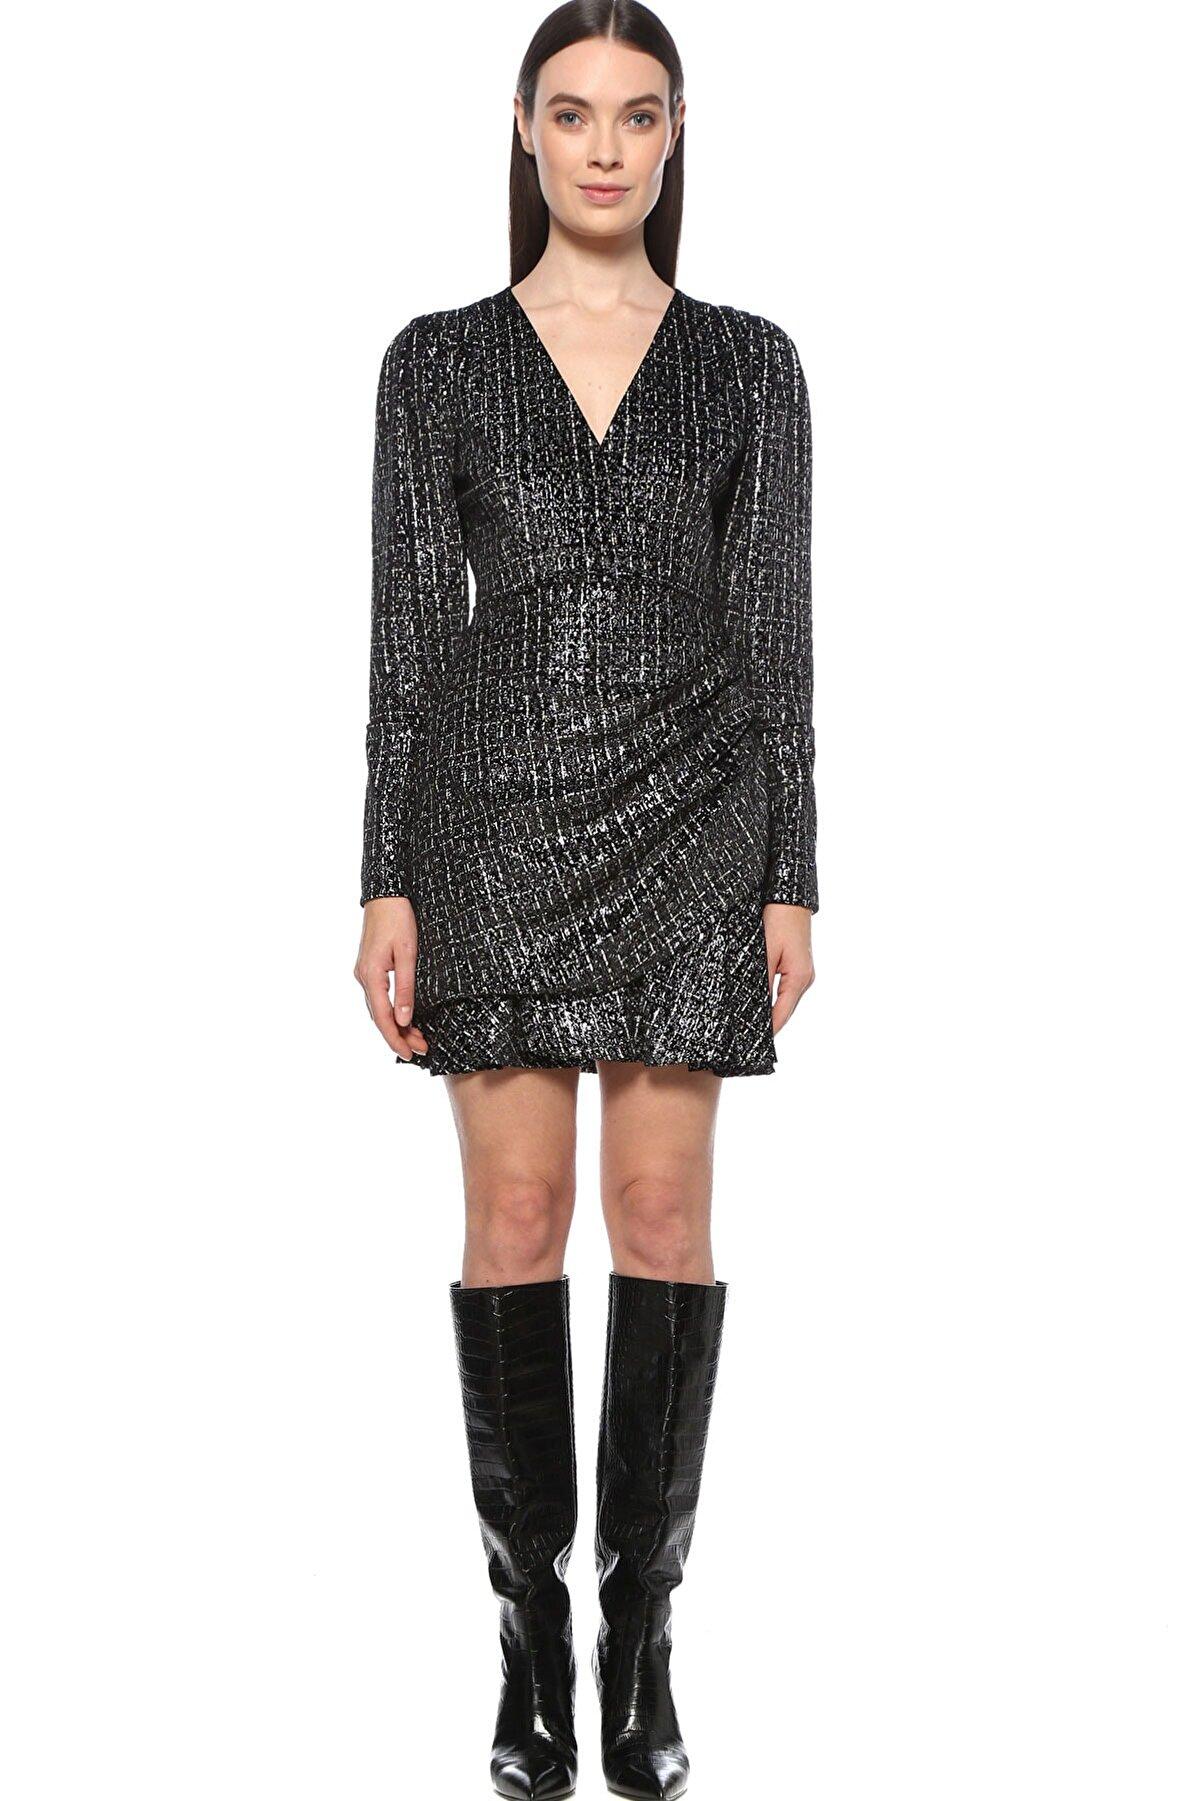 Network Kadın Silver (Gümüş Rengi) Siyah Elbise 1077389